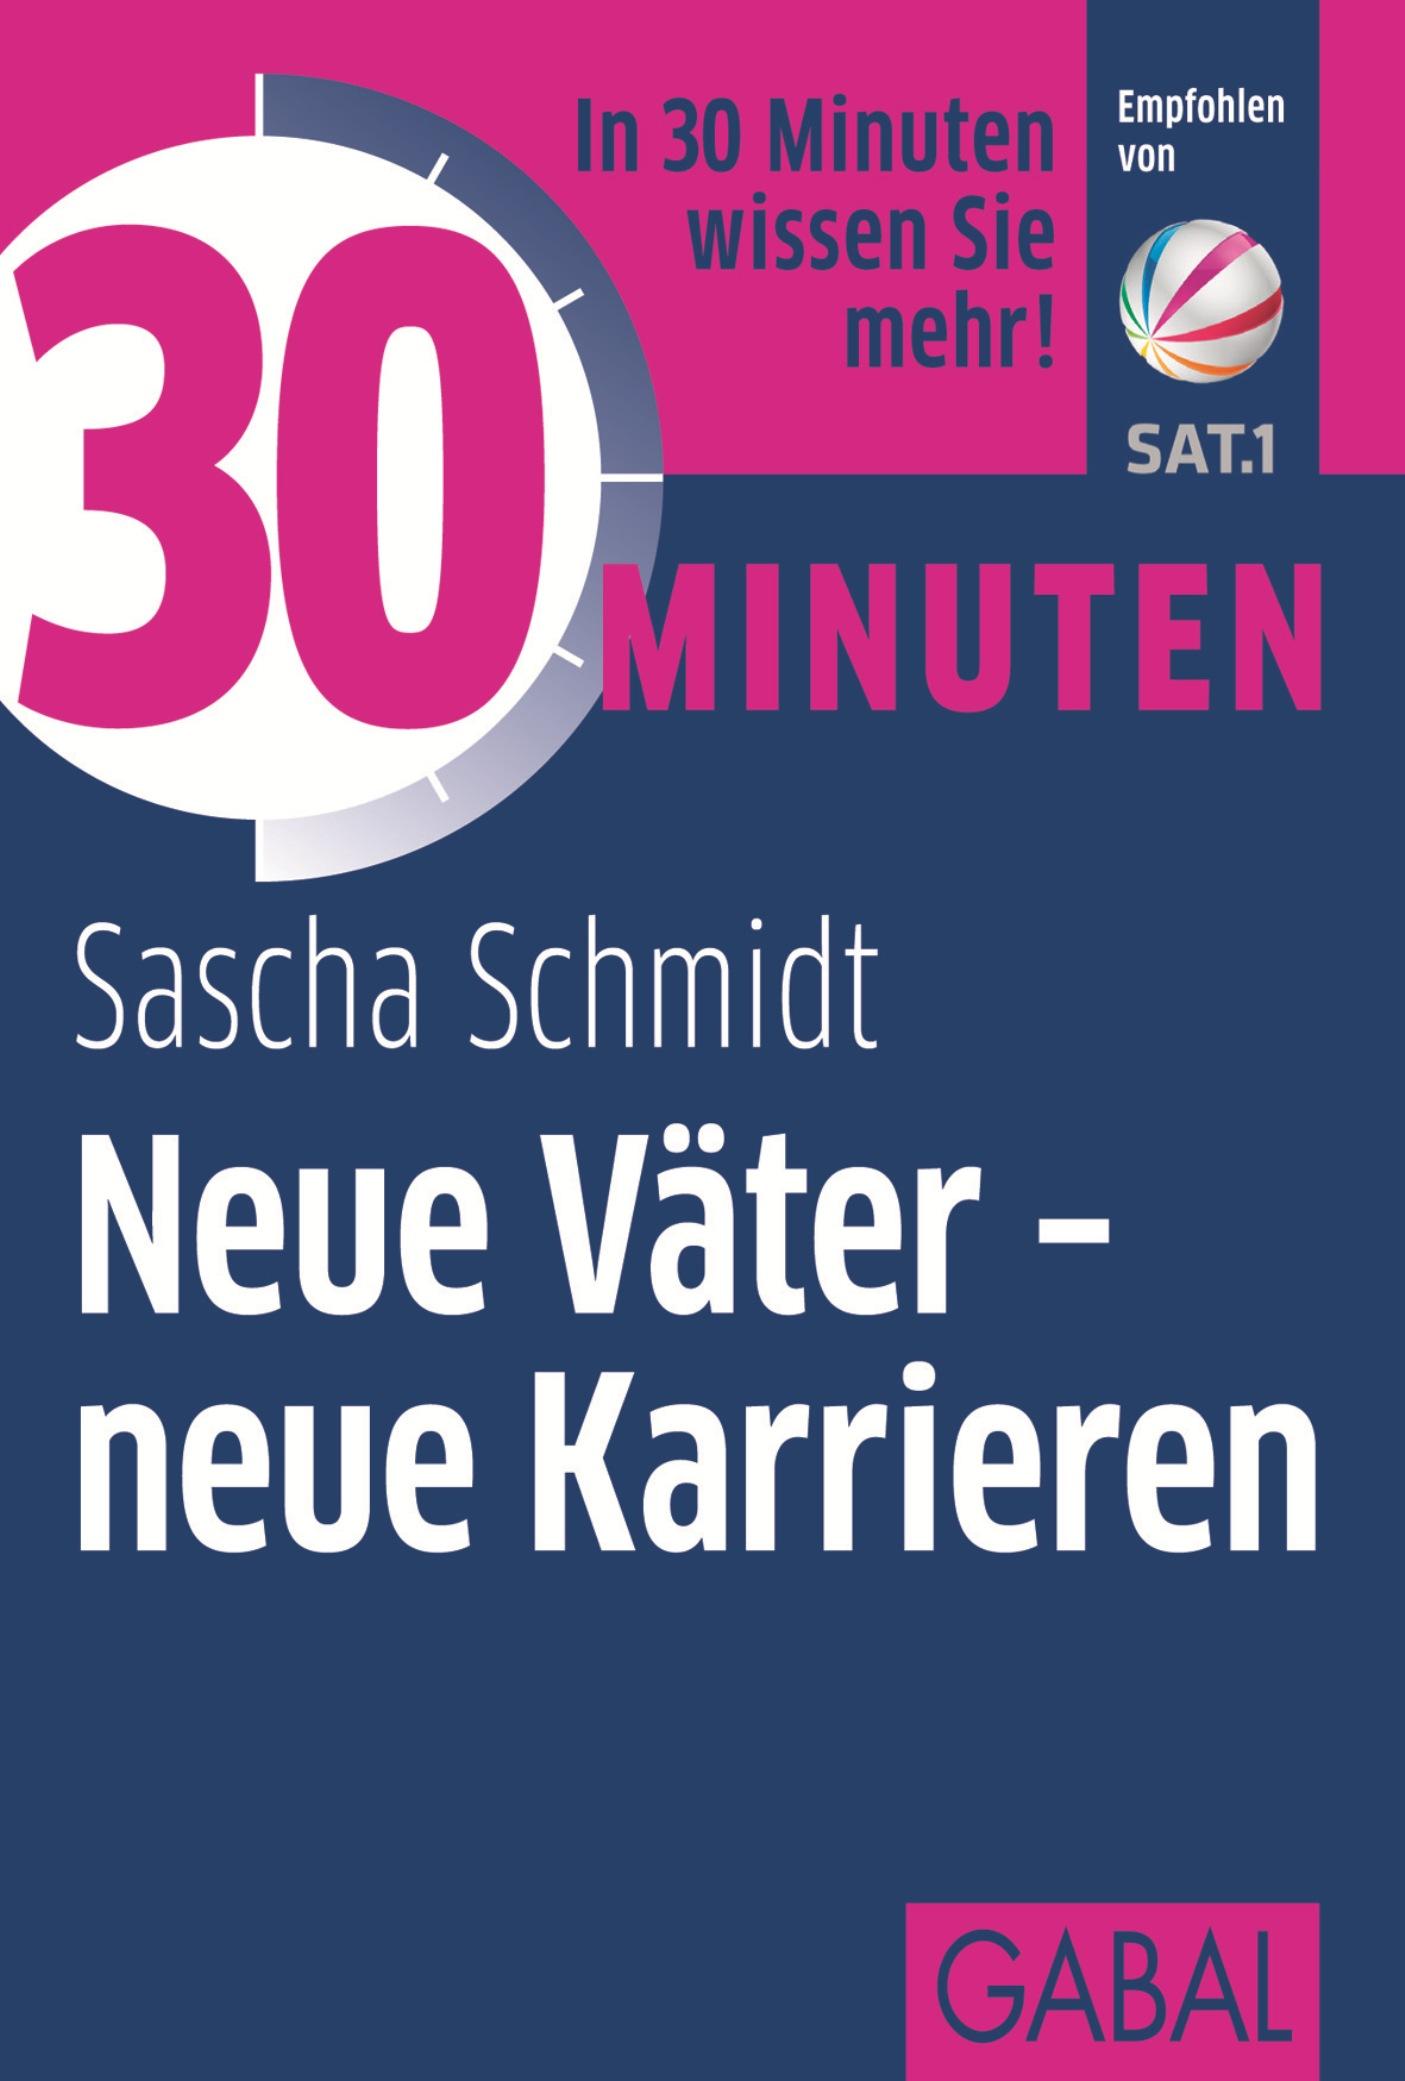 Sascha Schmidt 30 Minuten Neue Väter - neue Karrieren caglistro neue leiden marions entkleidung